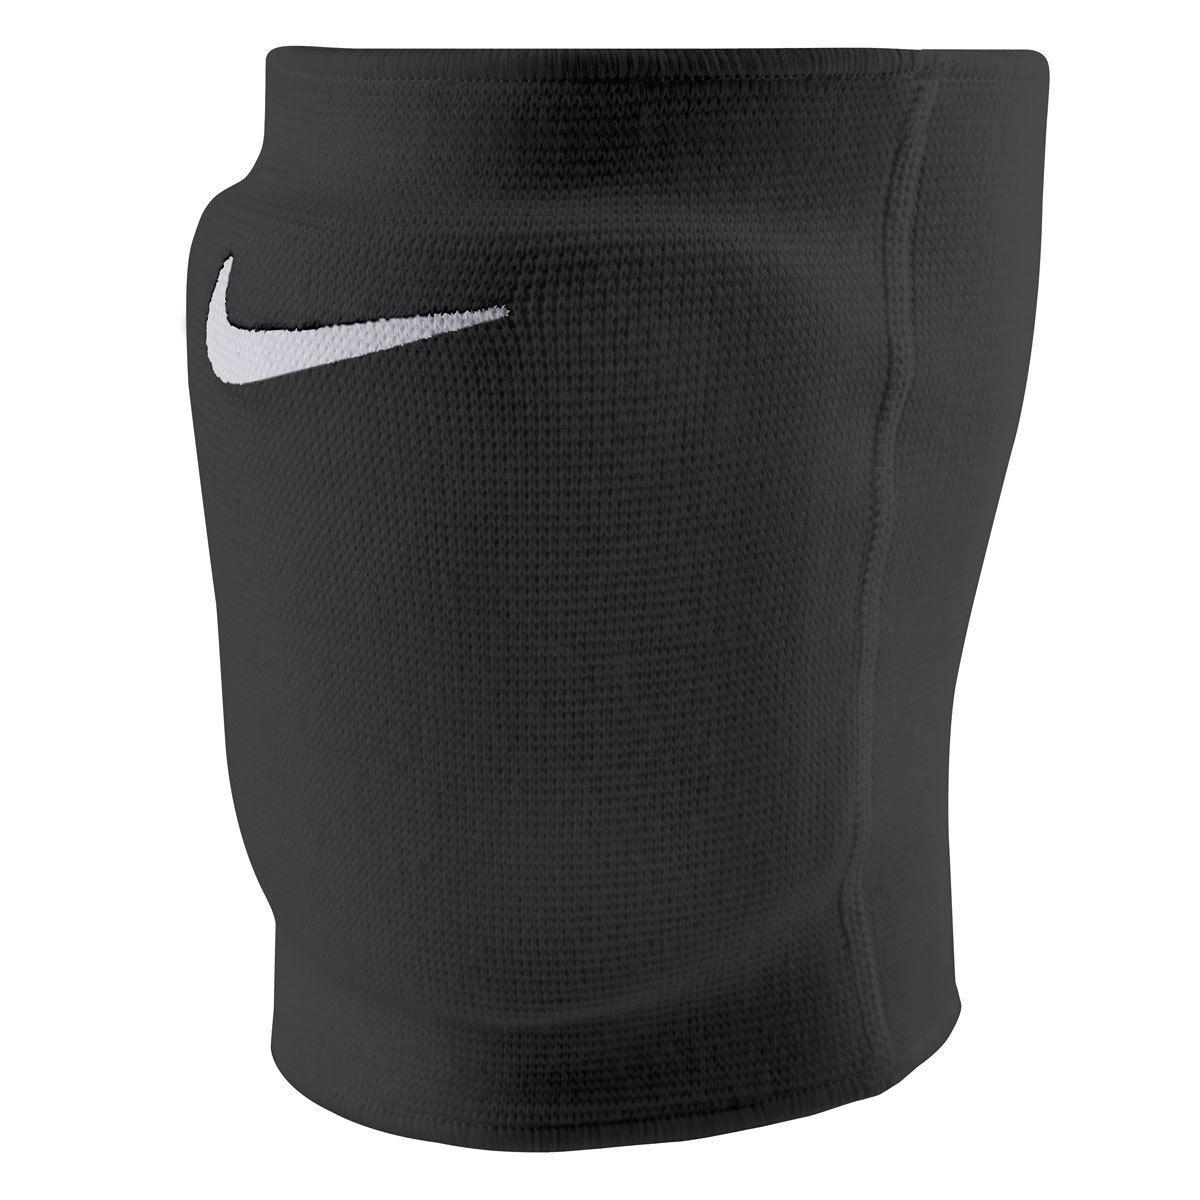 Essential Genouilleres De Volleyball In 2020 Volleyball Knee Pads Nike Volleyball Volleyball Gear